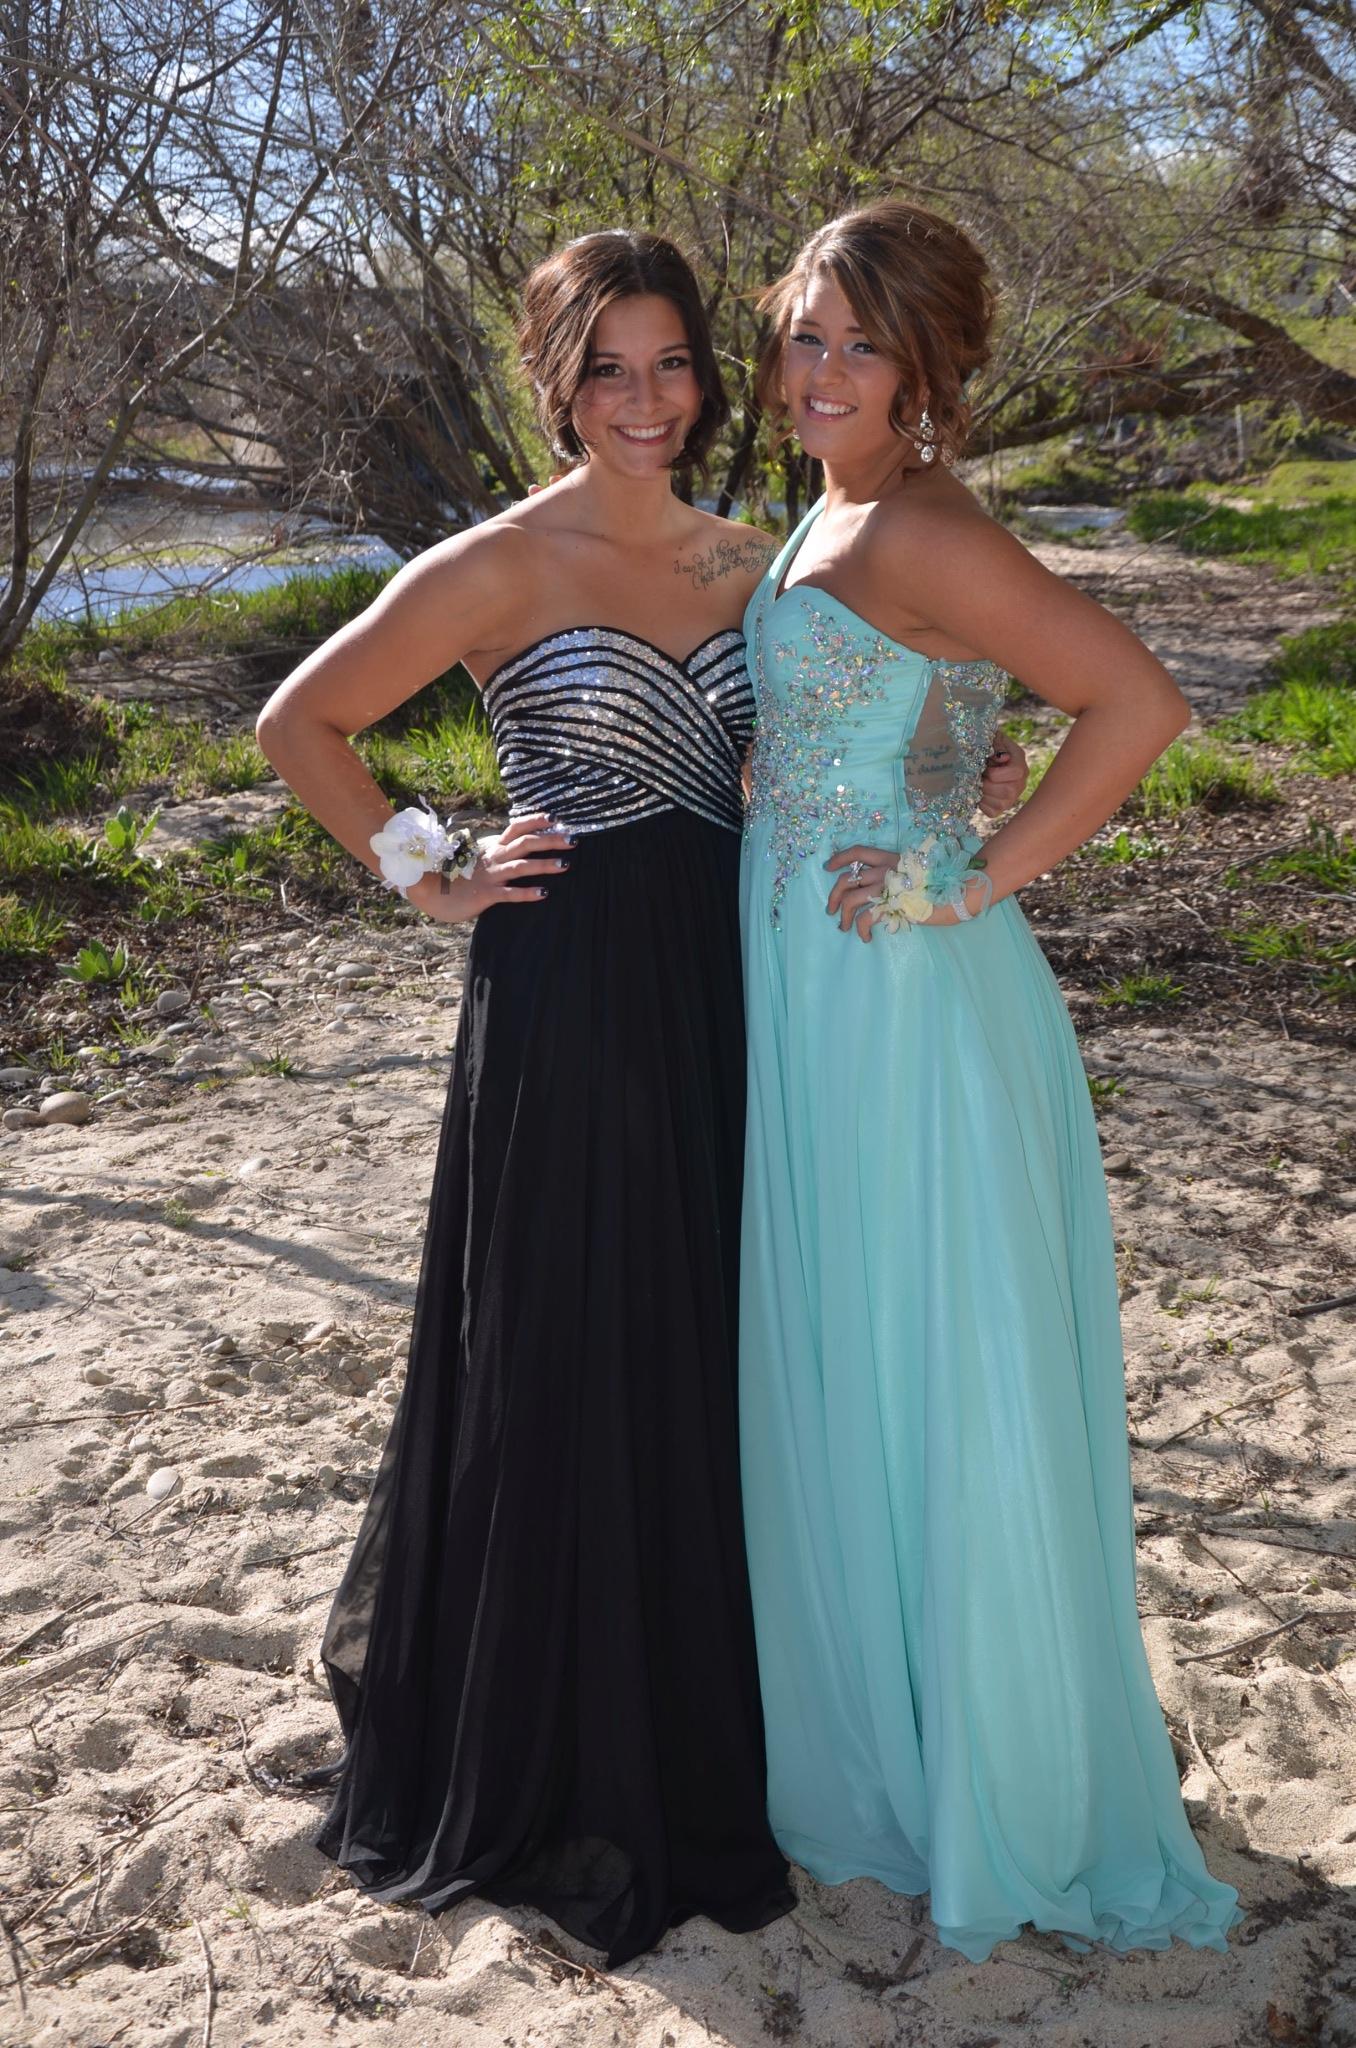 Senior Prom #1!